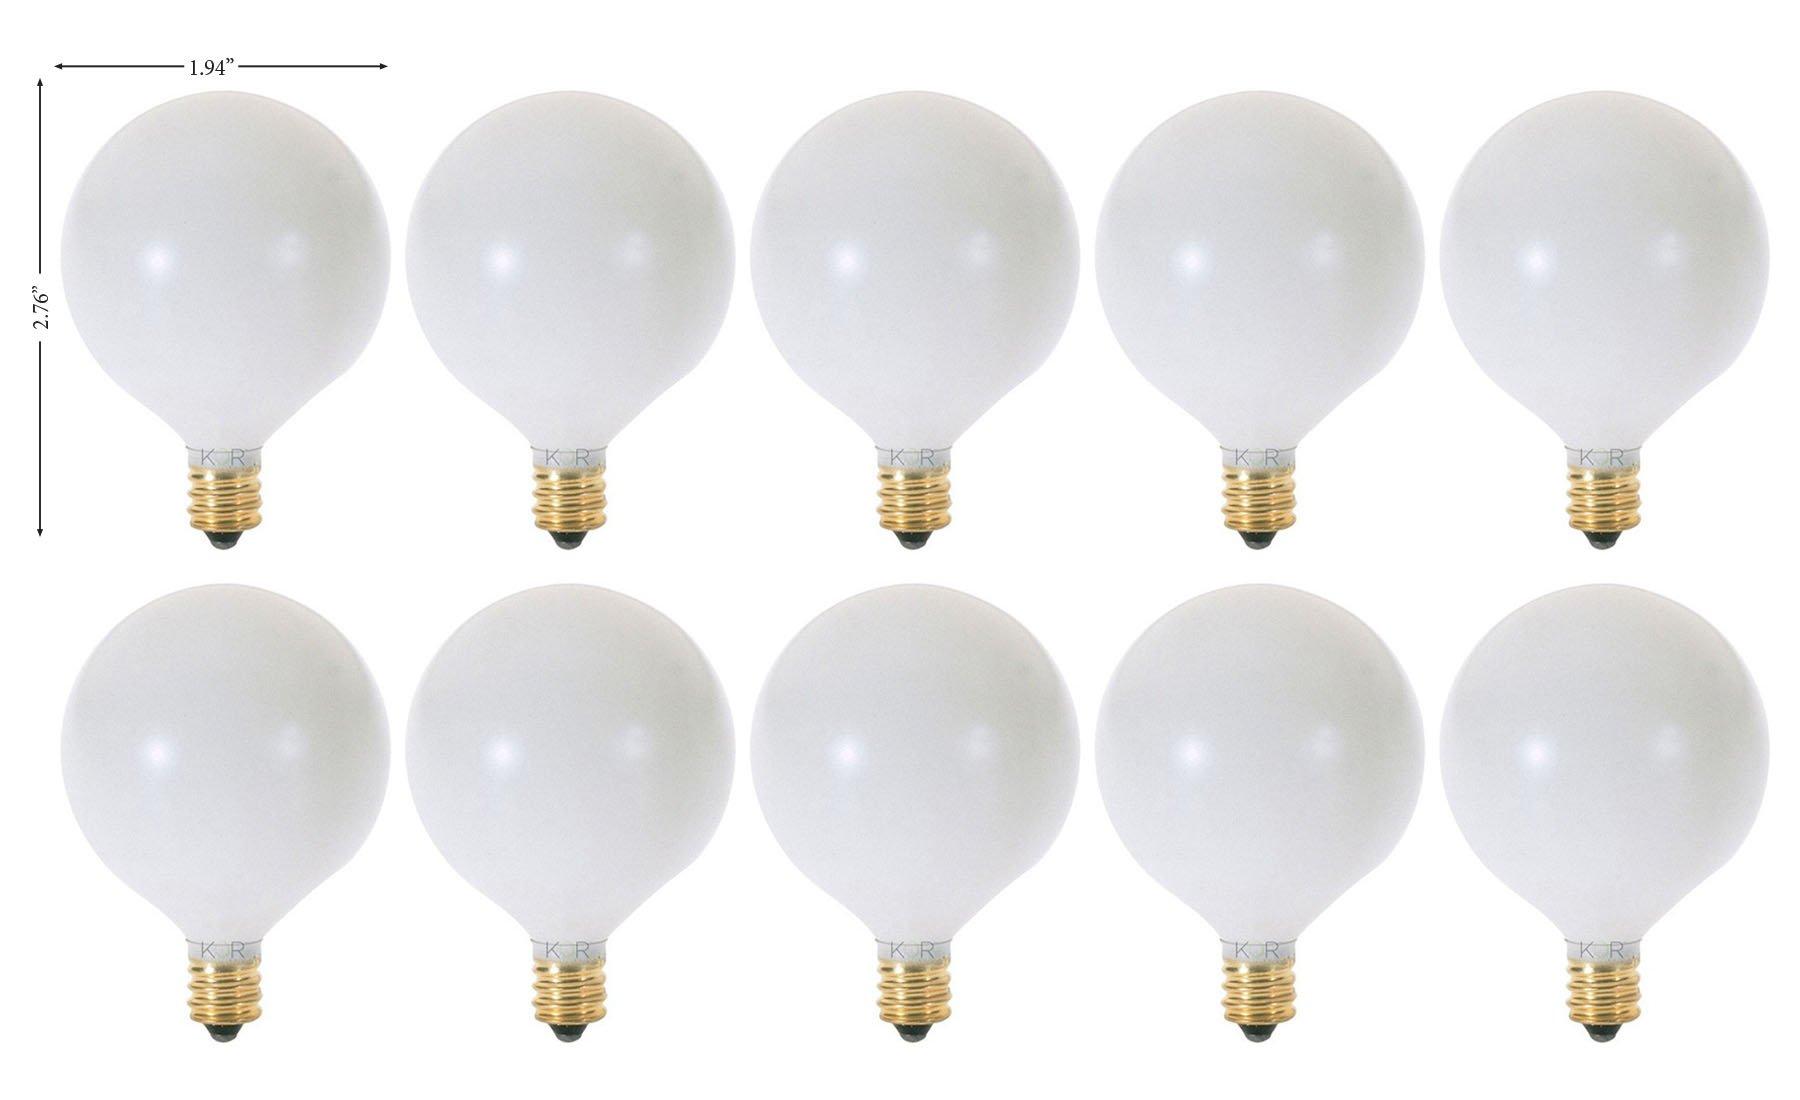 (Pack of 10) 25 Watt White G16.5 Decorative (E12) Candelabra Base Globe Shape 120V 15G16 1/2 Light Bulbs